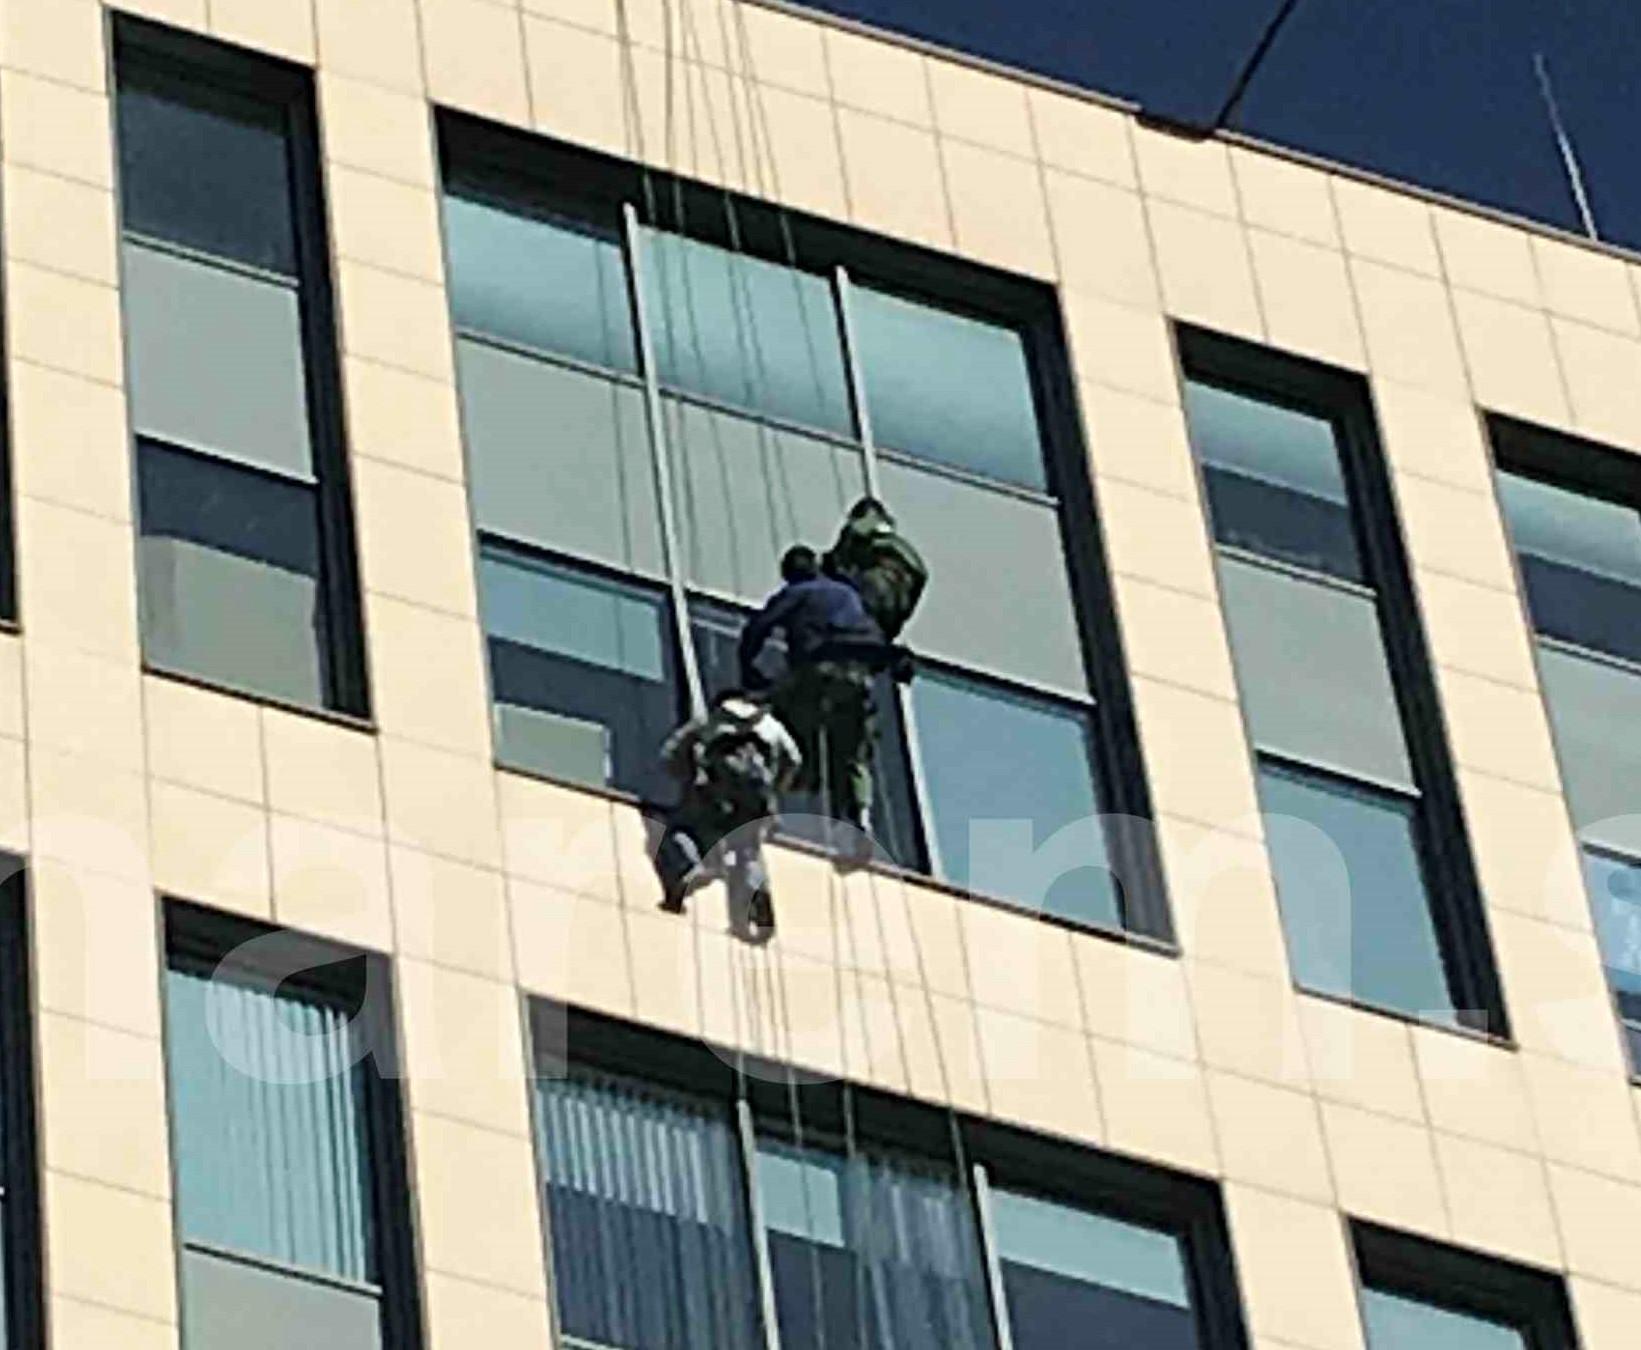 Замена стеклопакетов, установка окон для проветривания в фасаде БизнесЦентра Парк Мира